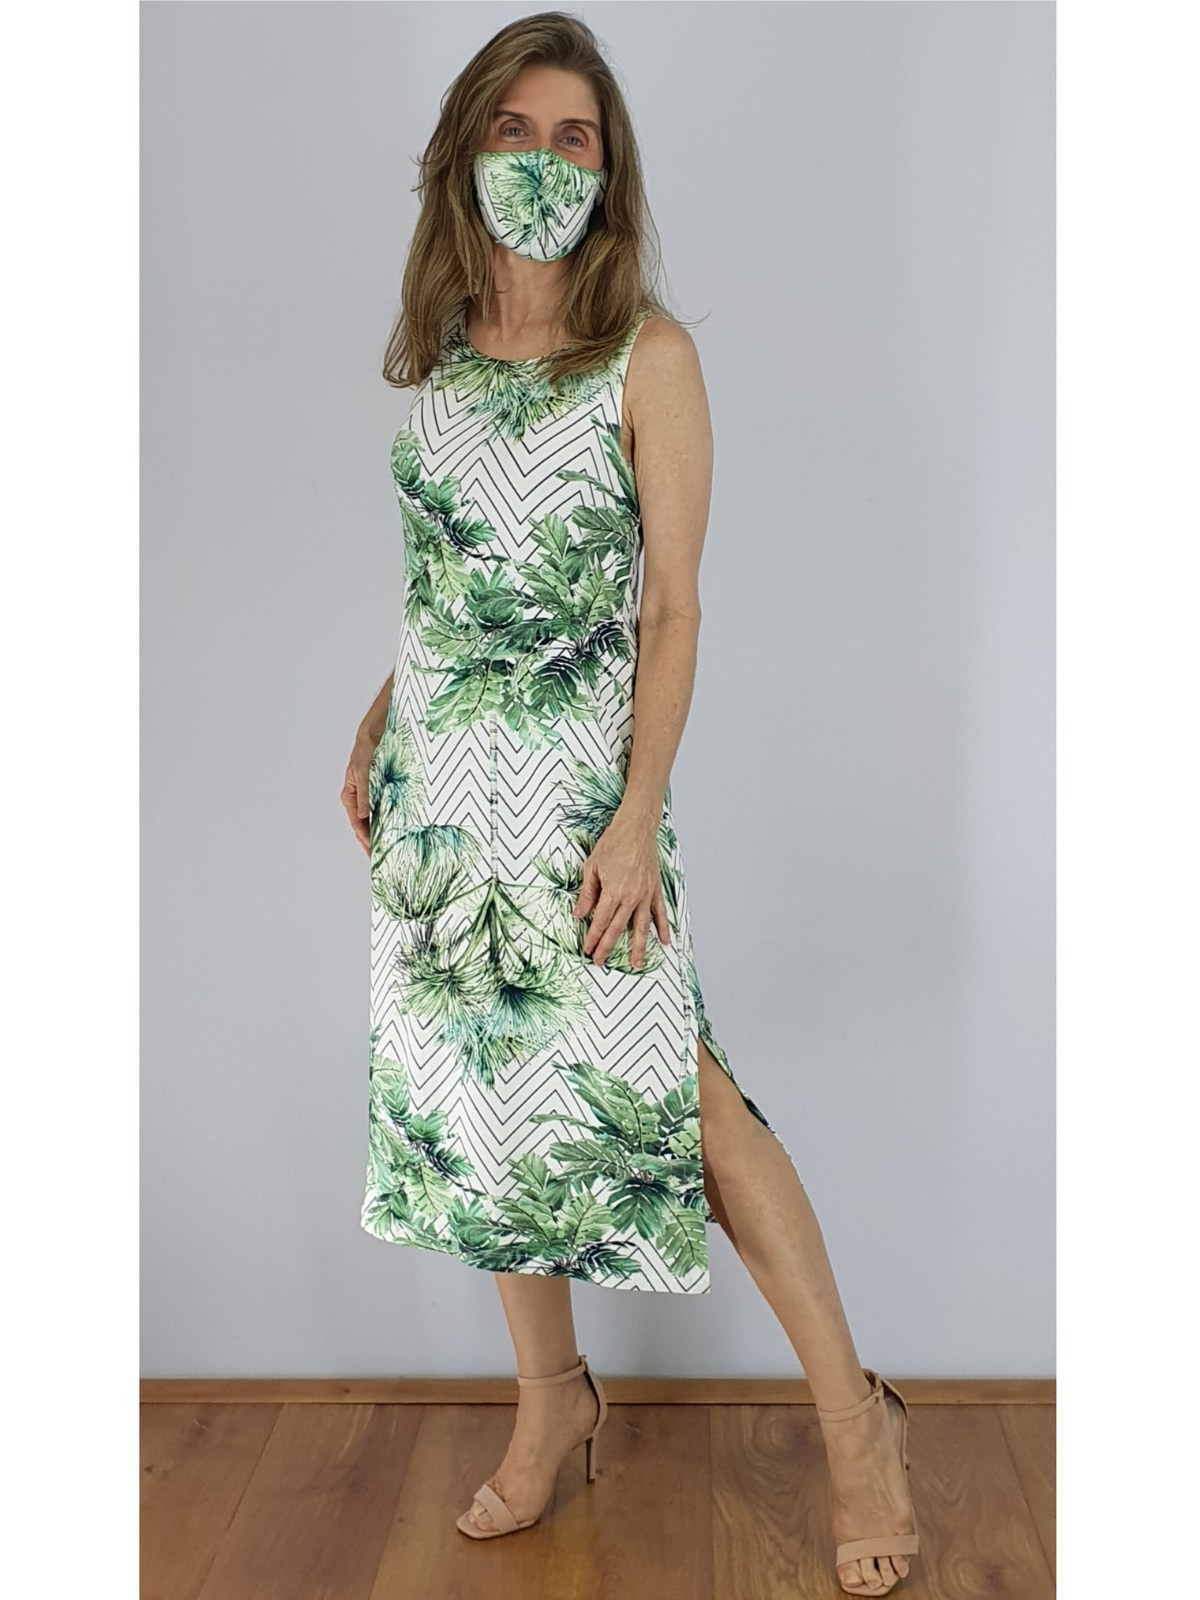 Vestido Malha Digital Estampado em 2 Cores